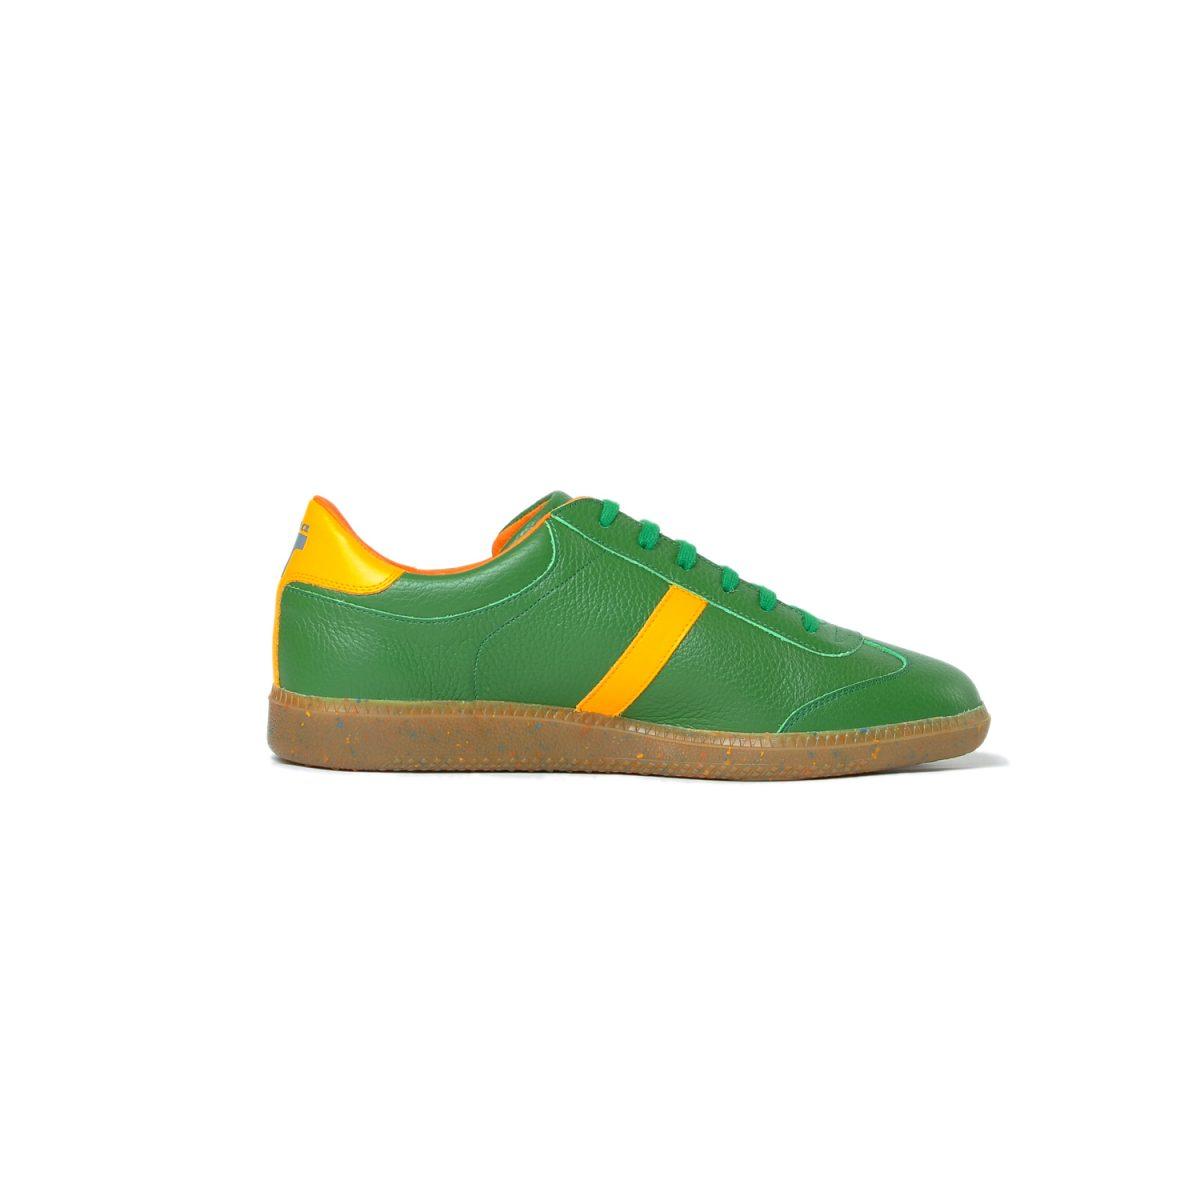 Tisza cipő - Compakt - Zöld-sárga